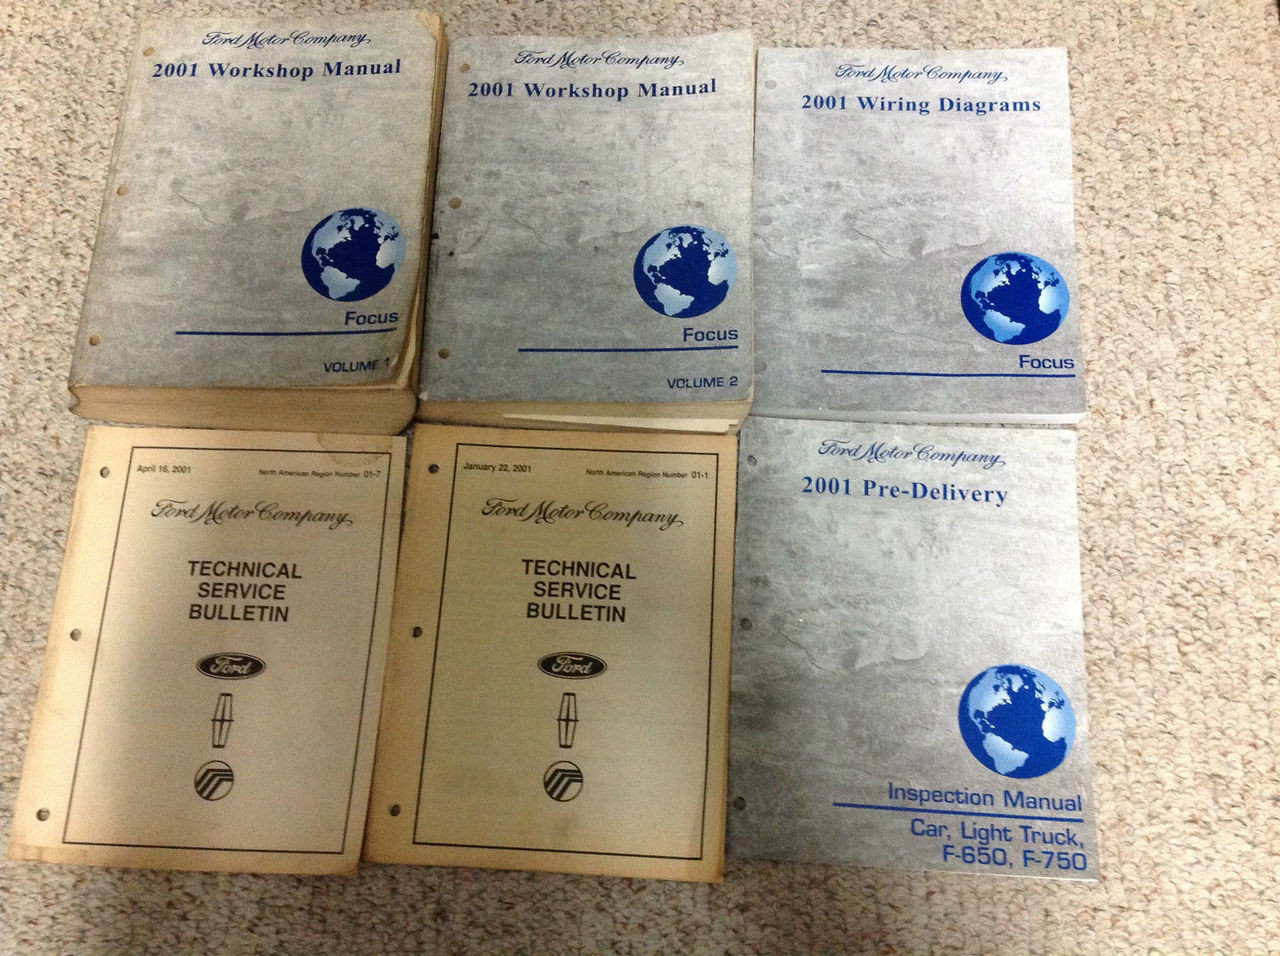 2001 Ford Focus Service Repair Shop Manual Set W Wiring Diagrams   Bulletins